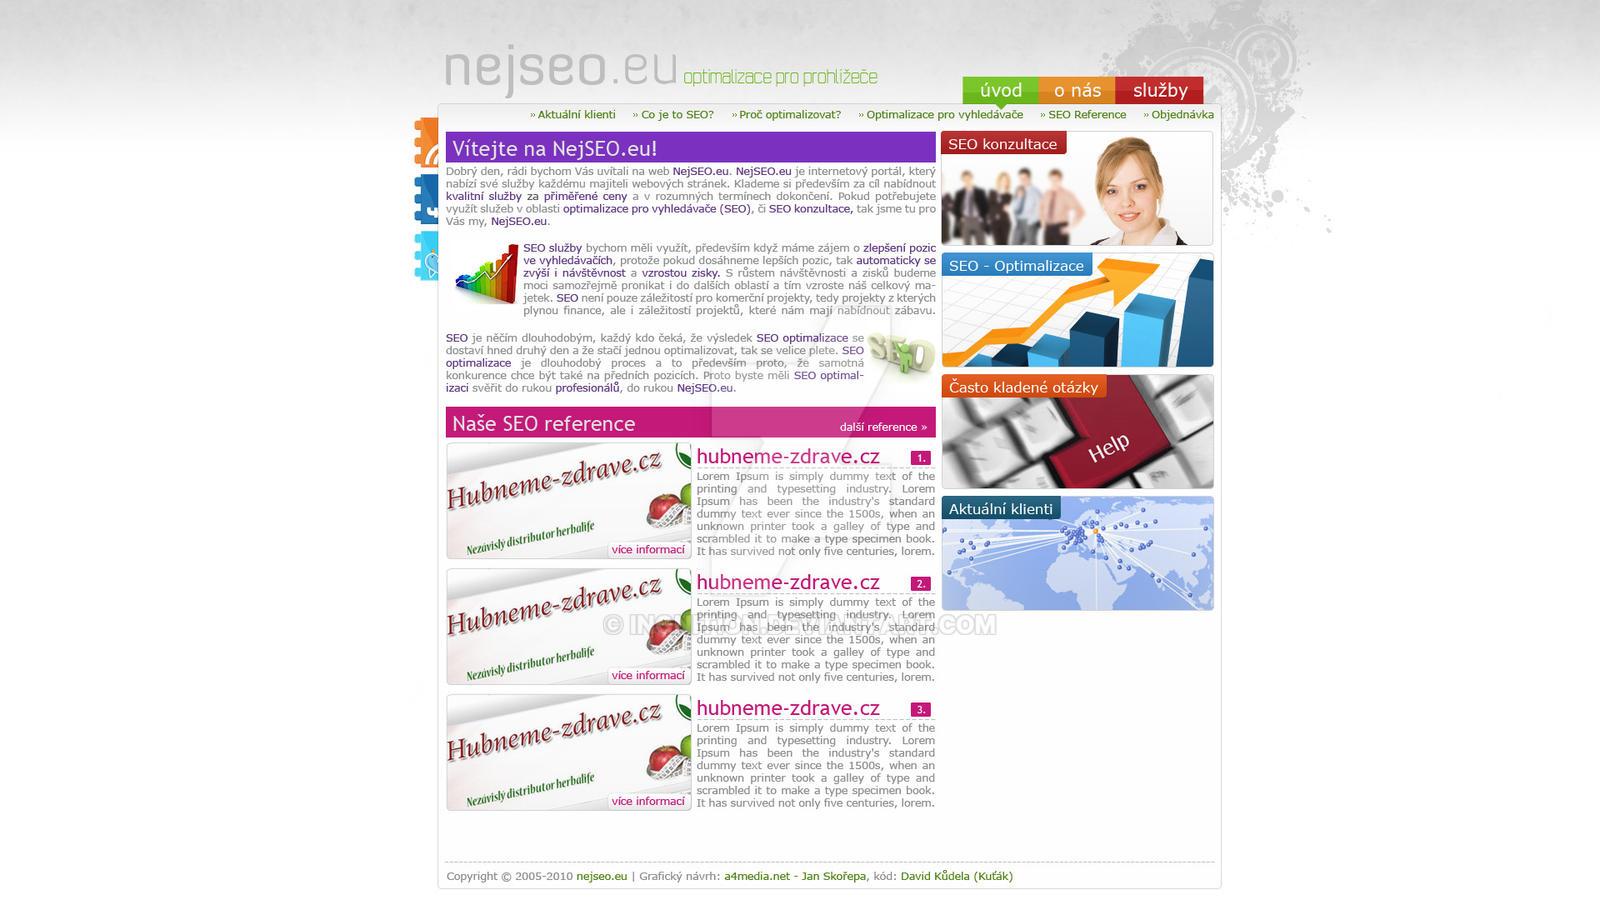 NejSEO.eu - webdesign v1 by Ingnition